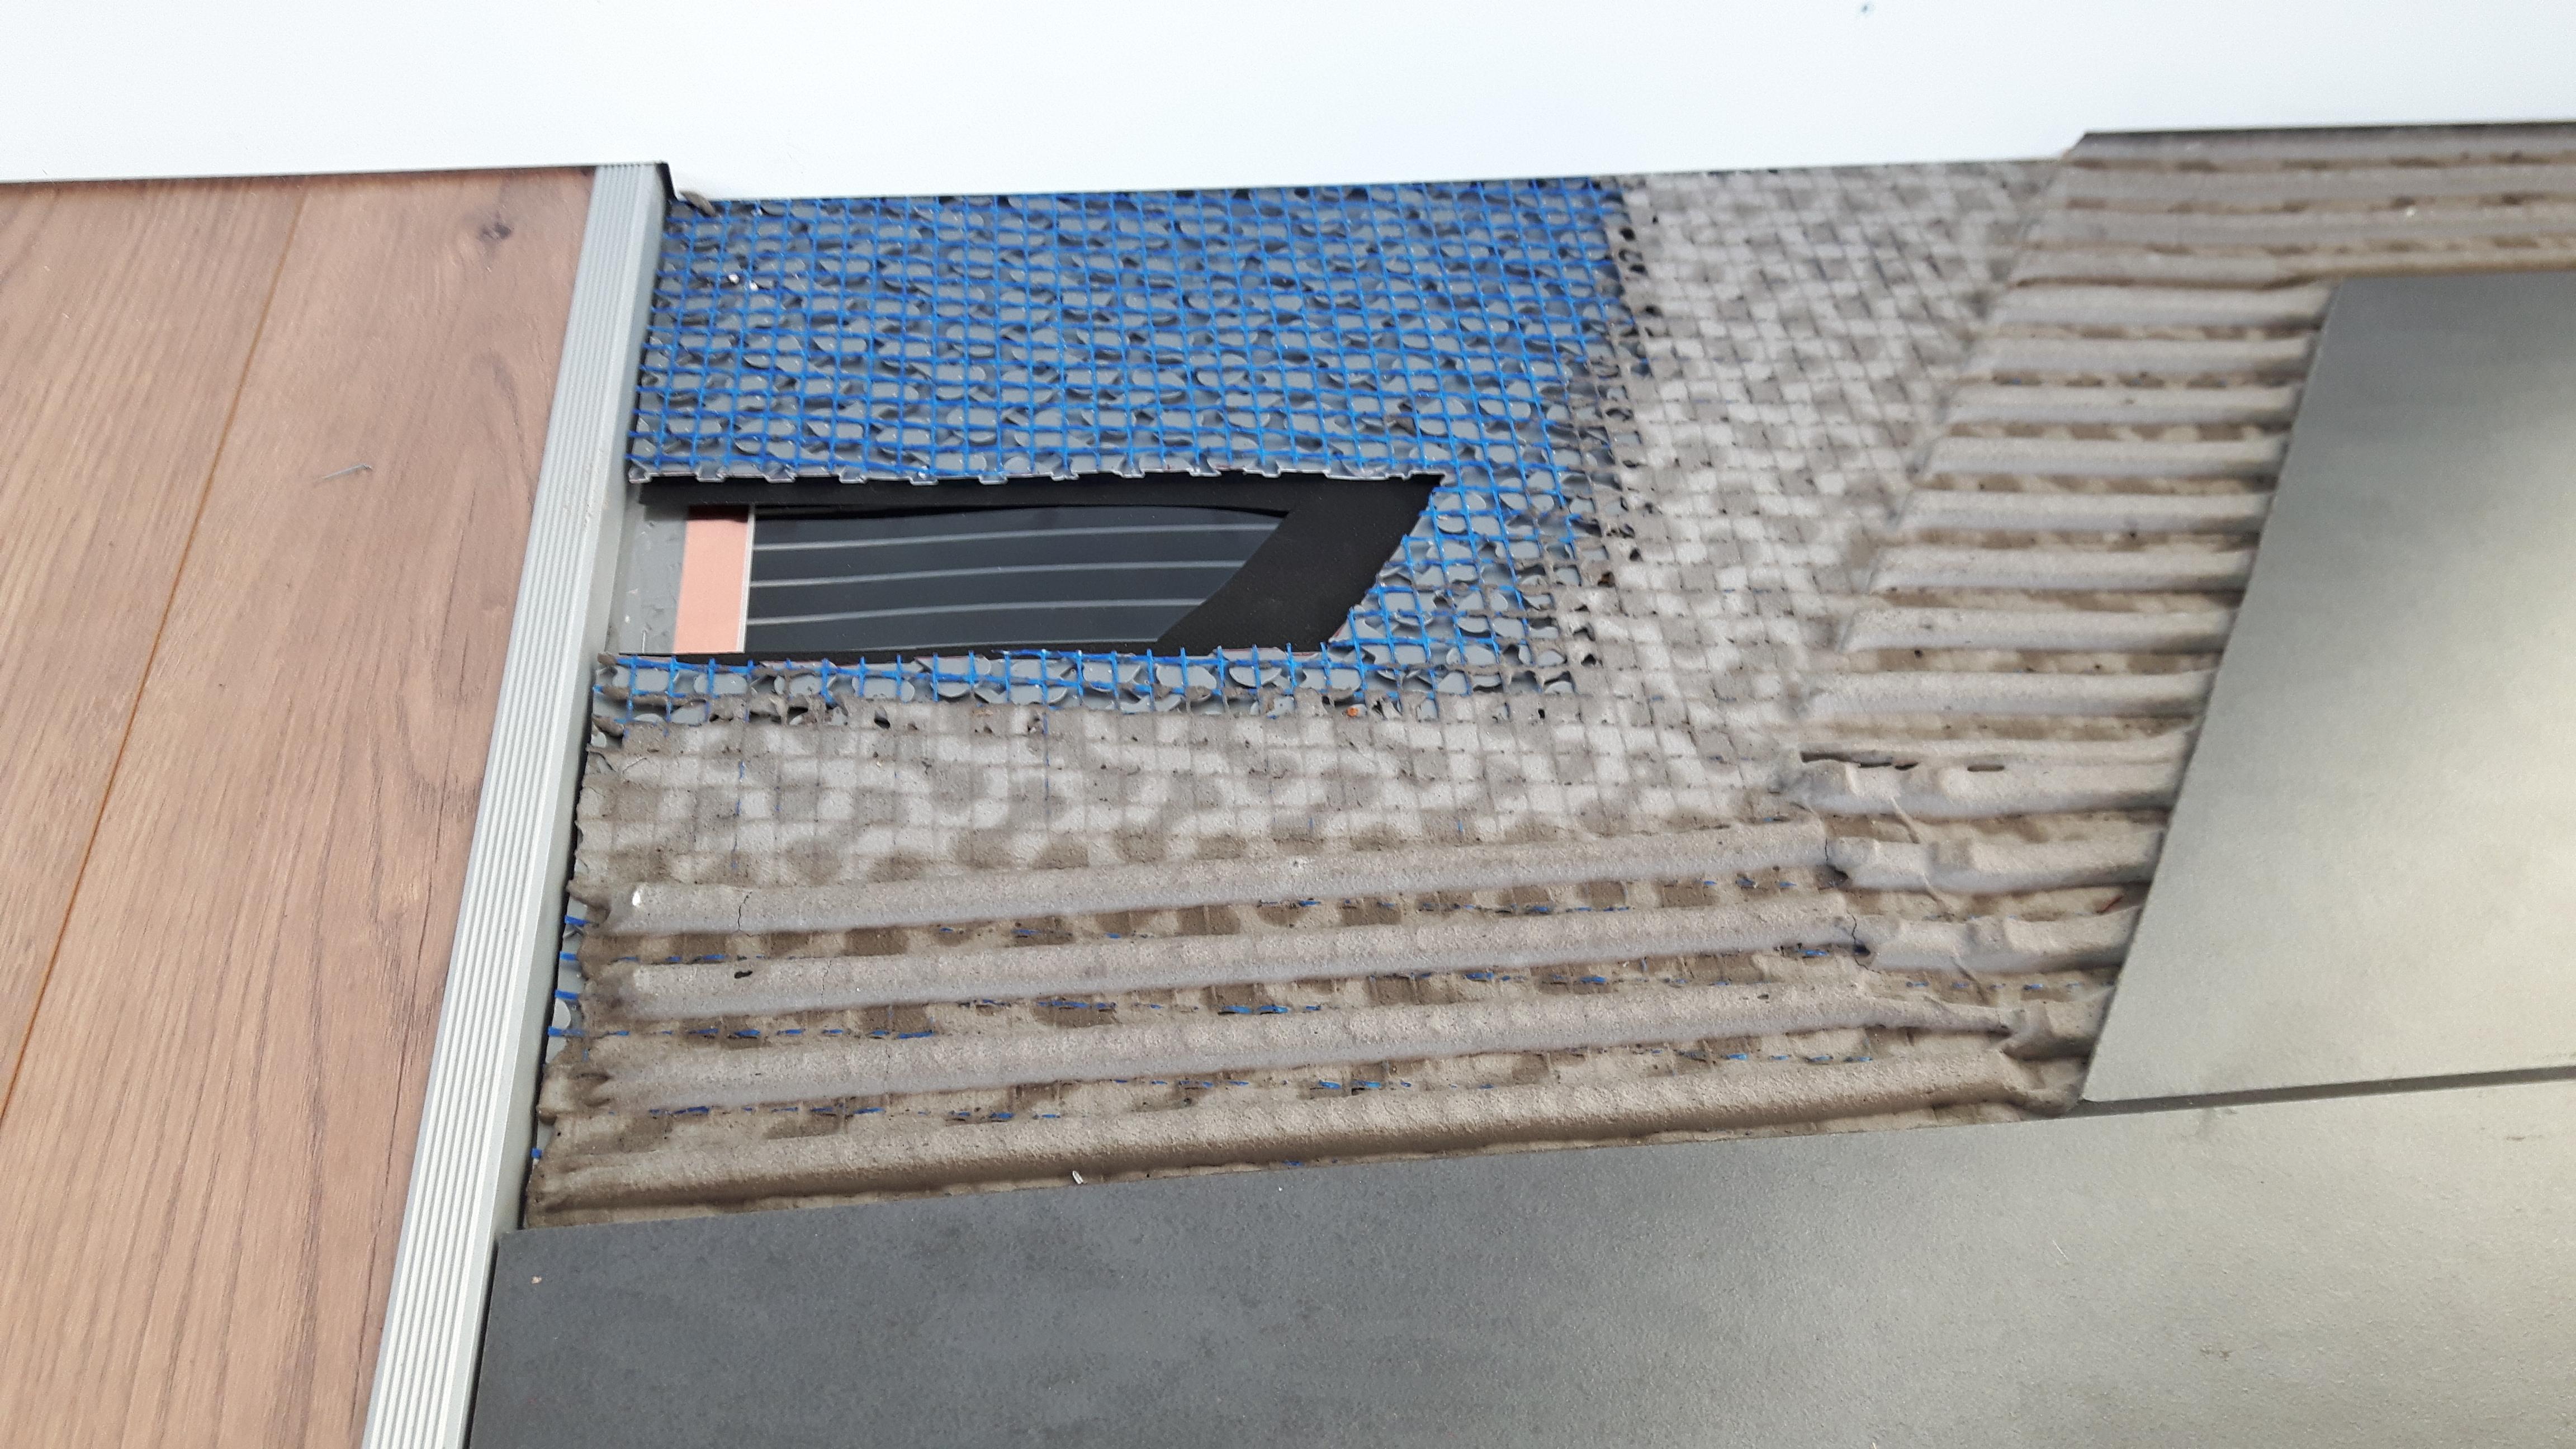 Vloerverwarming Badkamer Elektrisch : Karbonik elektrische vloerverwarming